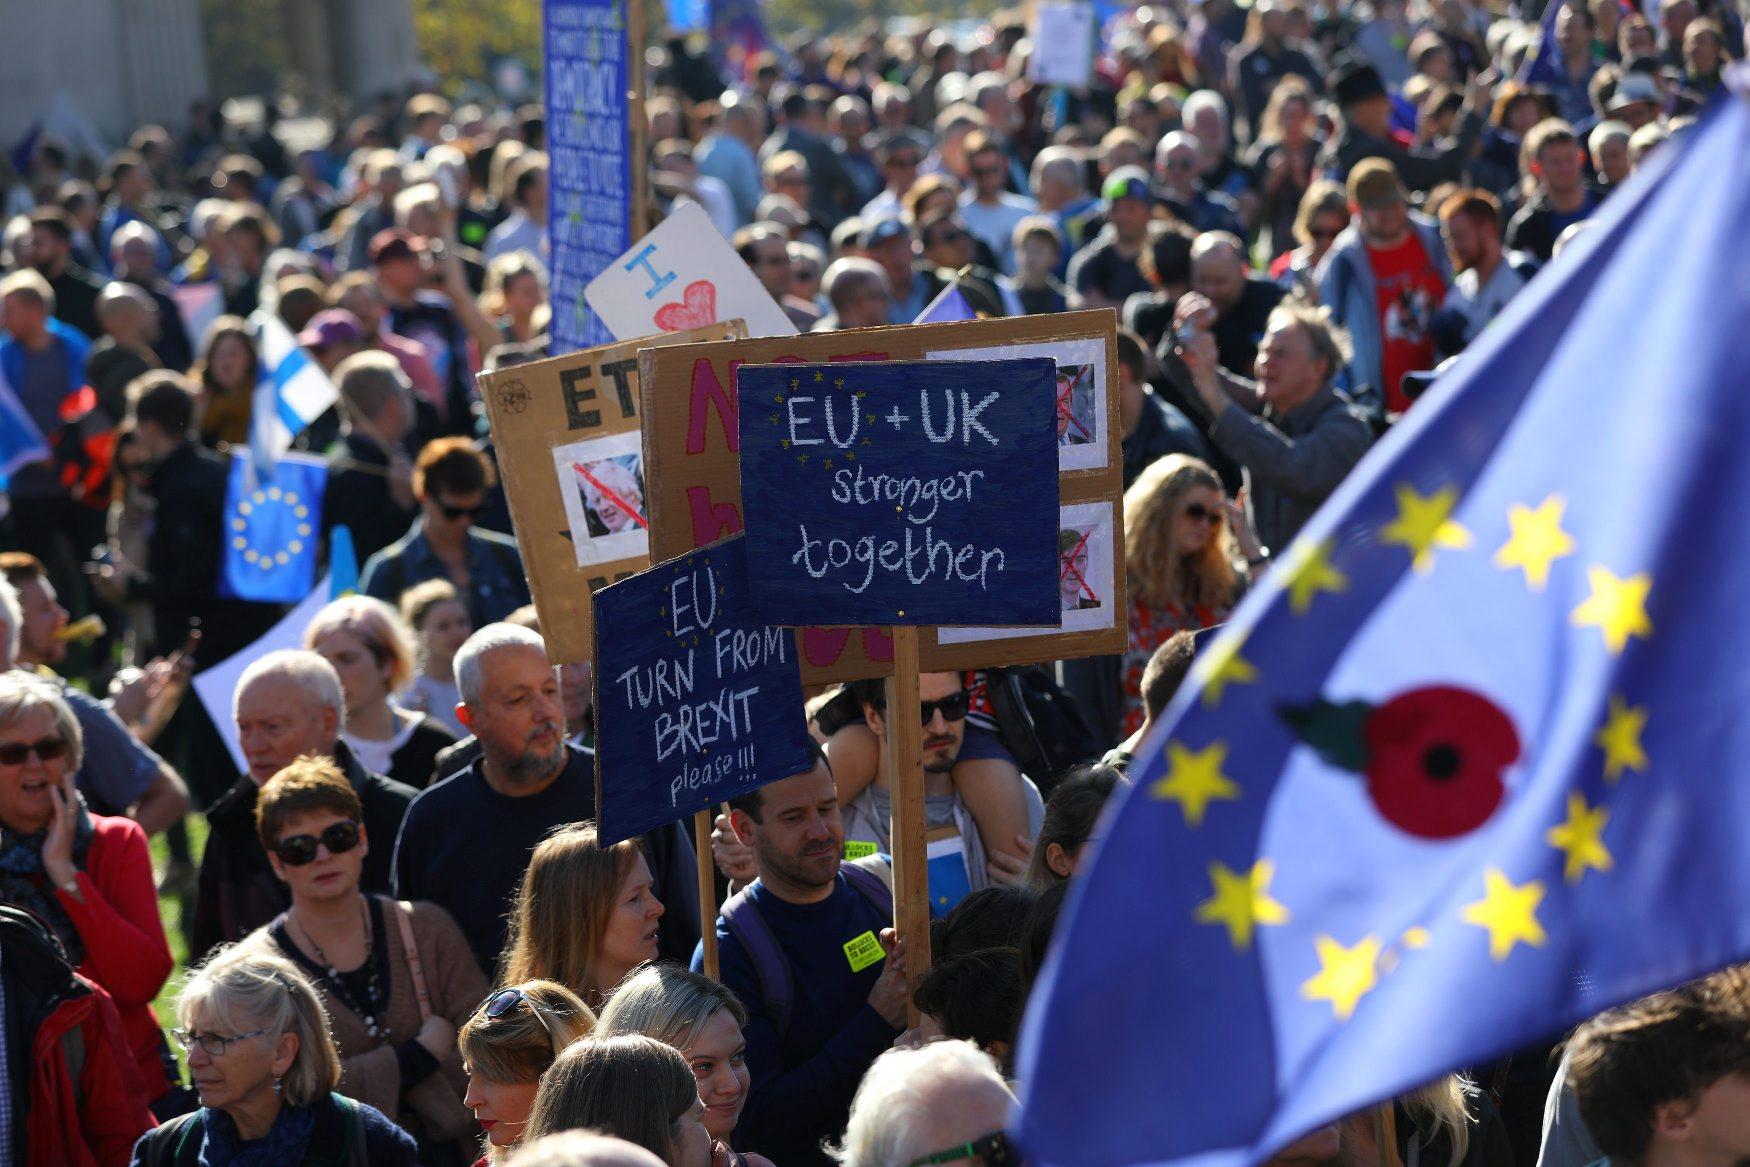 2018-10-20T124952Z_2124014043_RC1C4594E750_RTRMADP_3_BRITAIN-EU-PROTEST